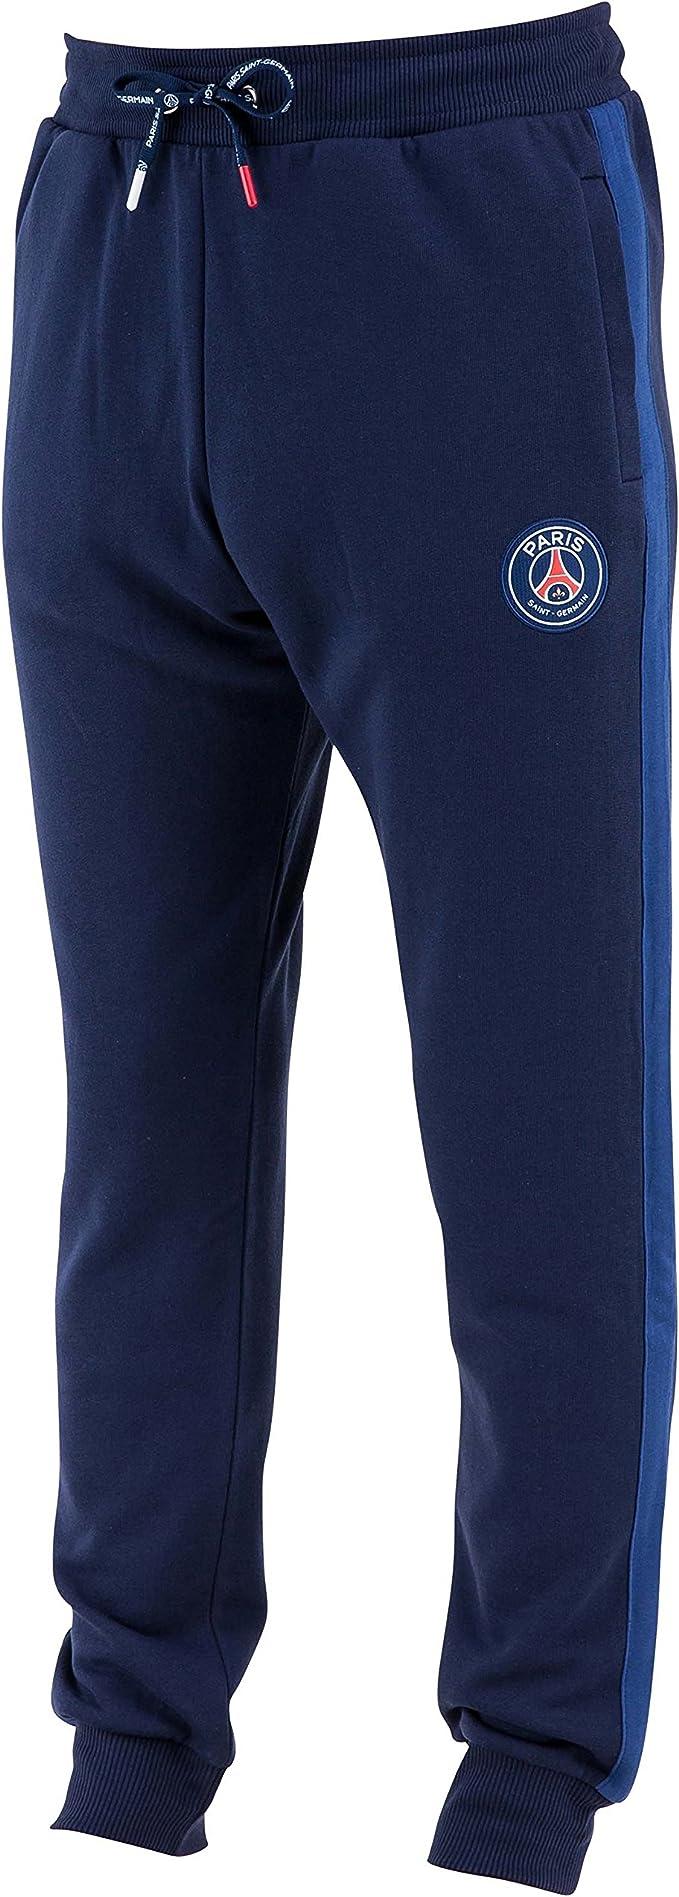 blu collezione ufficiale Pantaloni da tuta della squadra del Paris ...